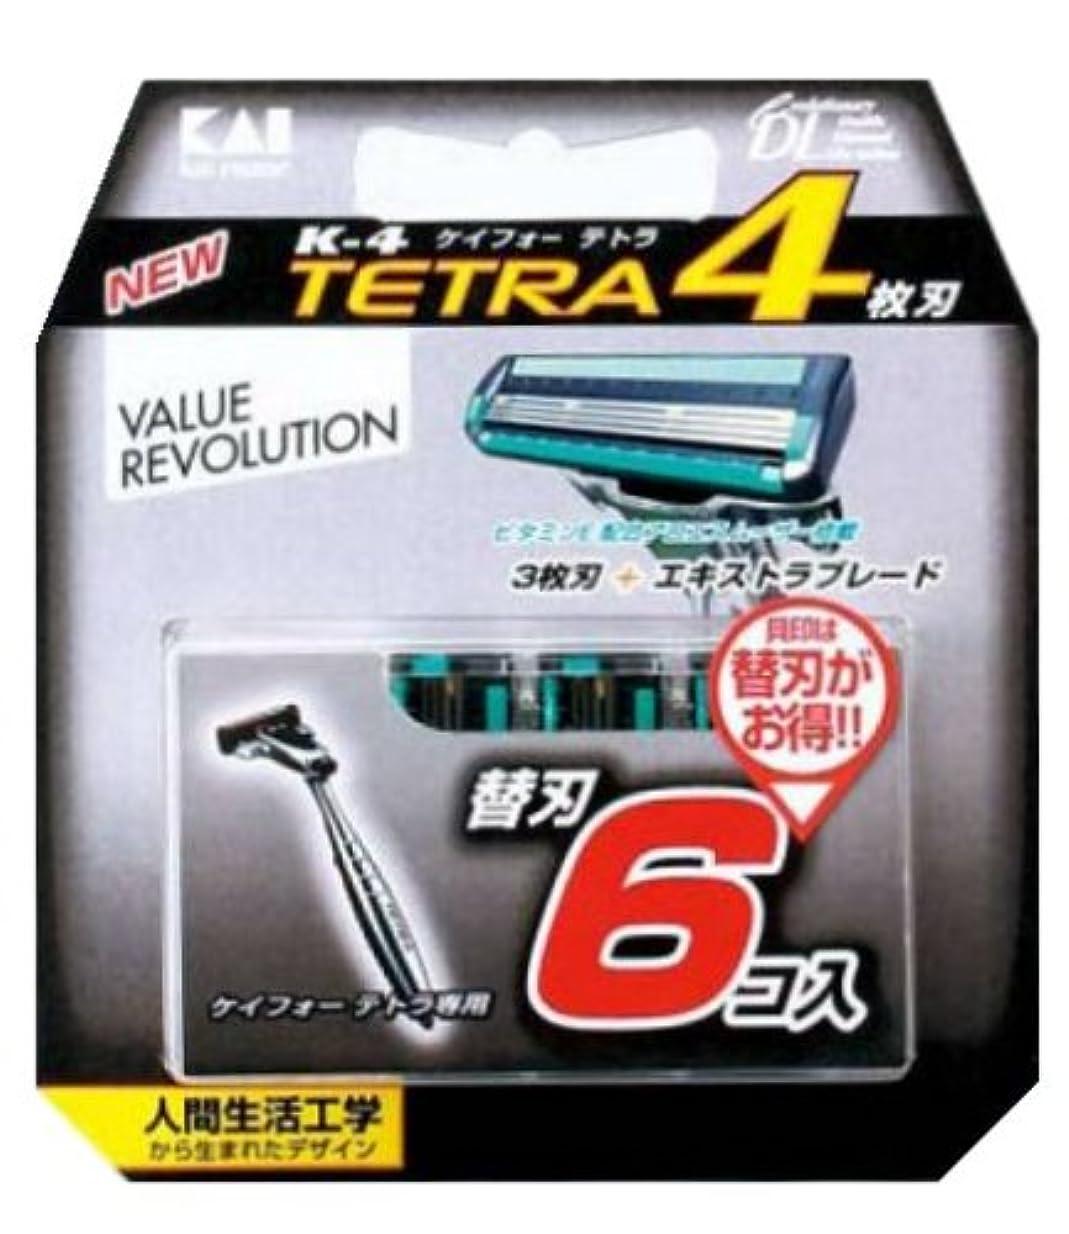 伸ばす虎松K-4 テトラ 替刃6コ入